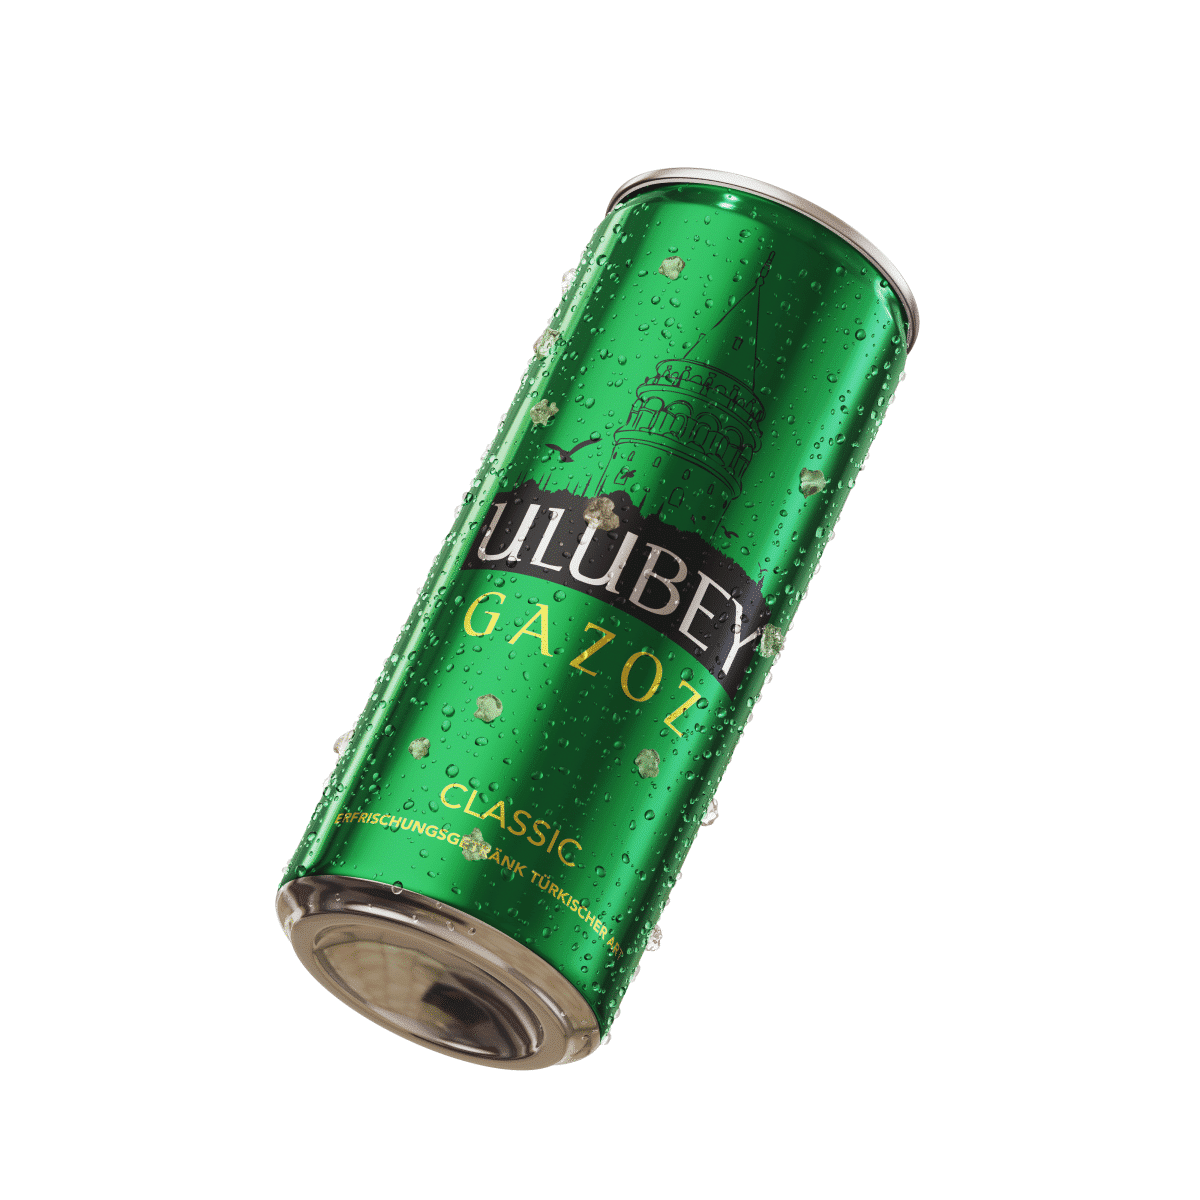 Ulubey Gazoz Classic 330ml